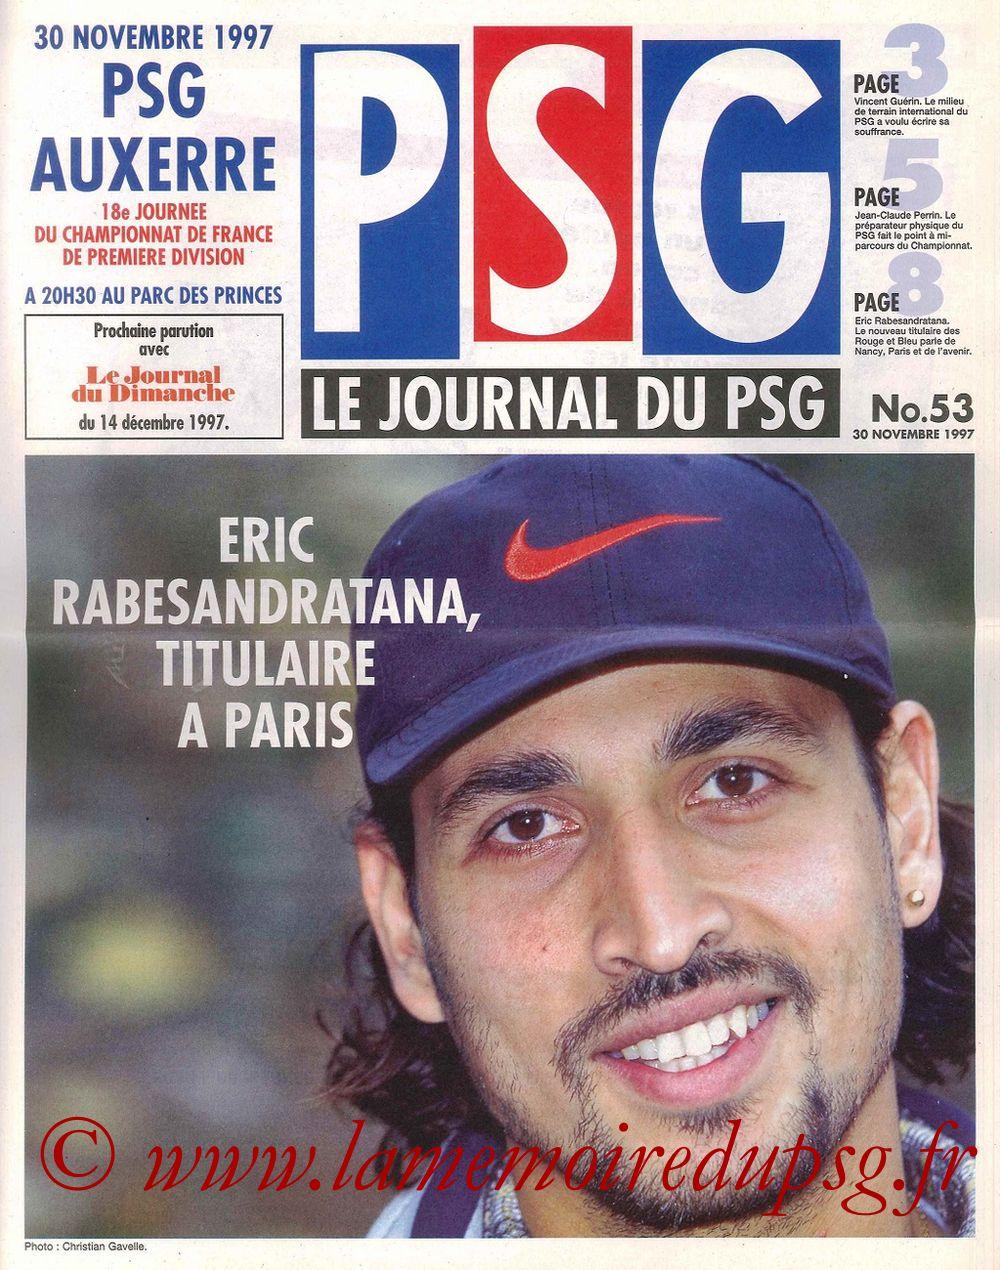 1997-11-30  PSG-Auxerre (18ème D1, Le Journal du PSG N° 53)